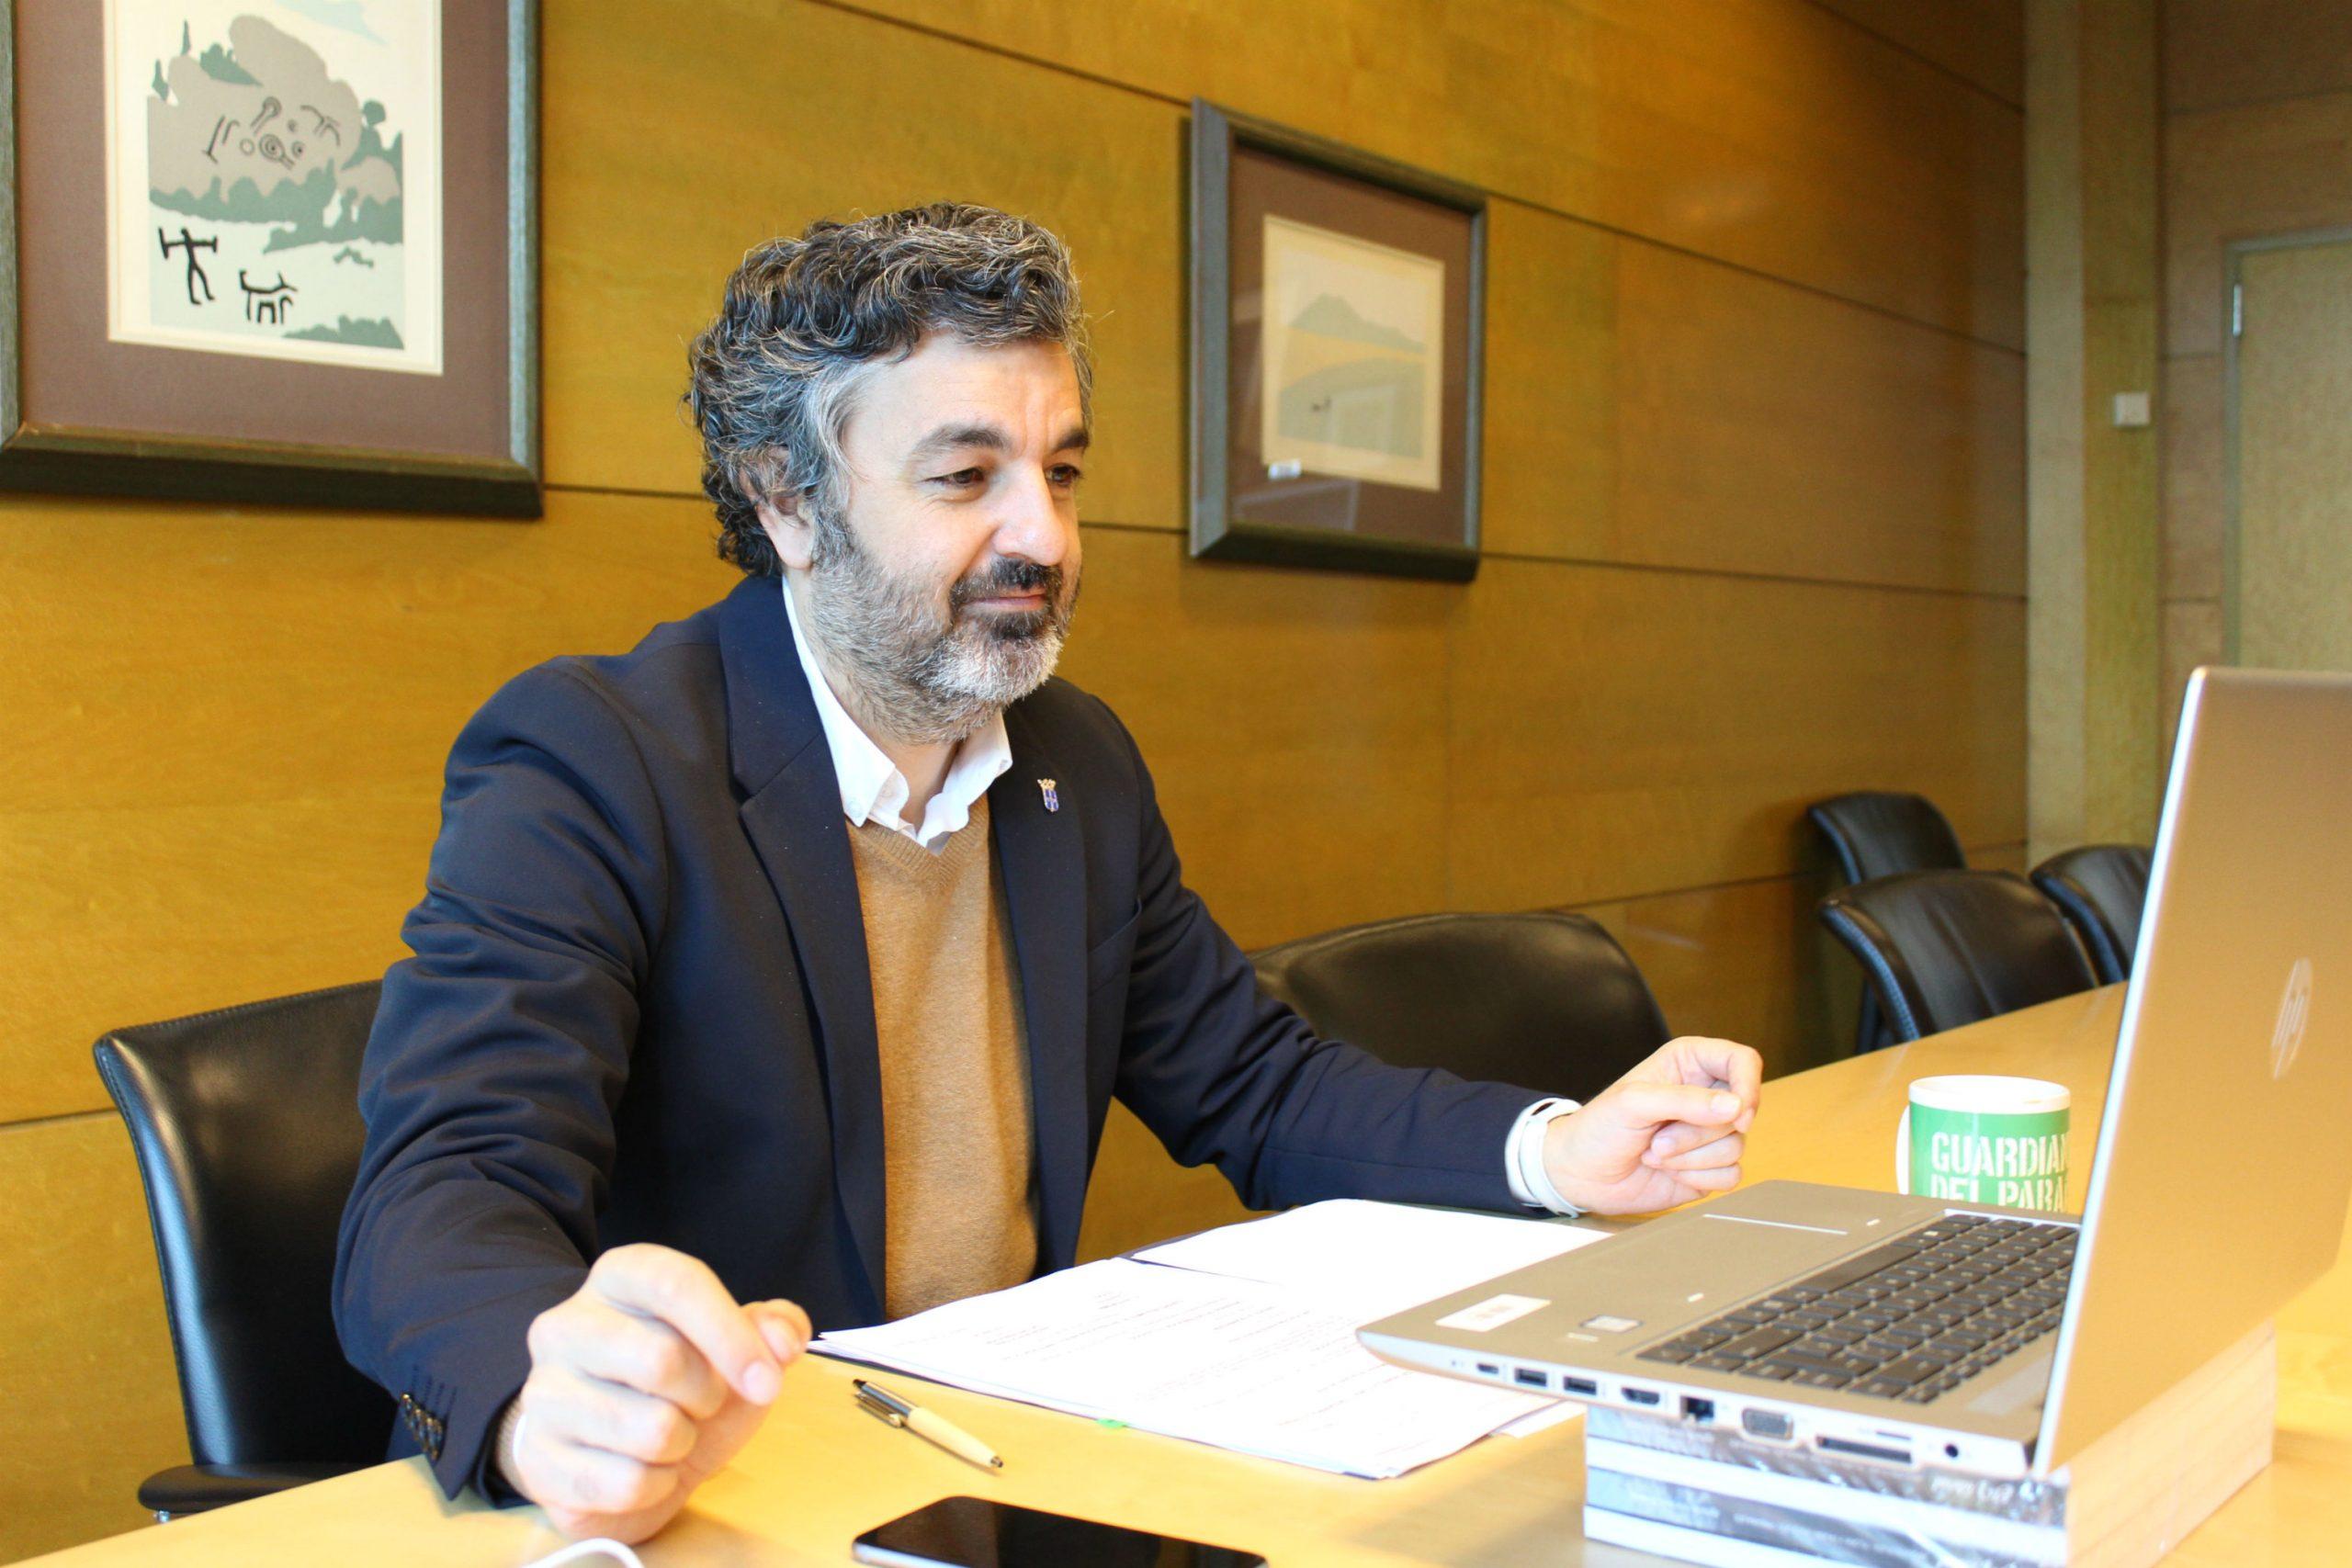 El Gobierno central autoriza transferencias a Asturias por 6,8 millones para programas agrícolas, ganaderos y de desarrollo rural